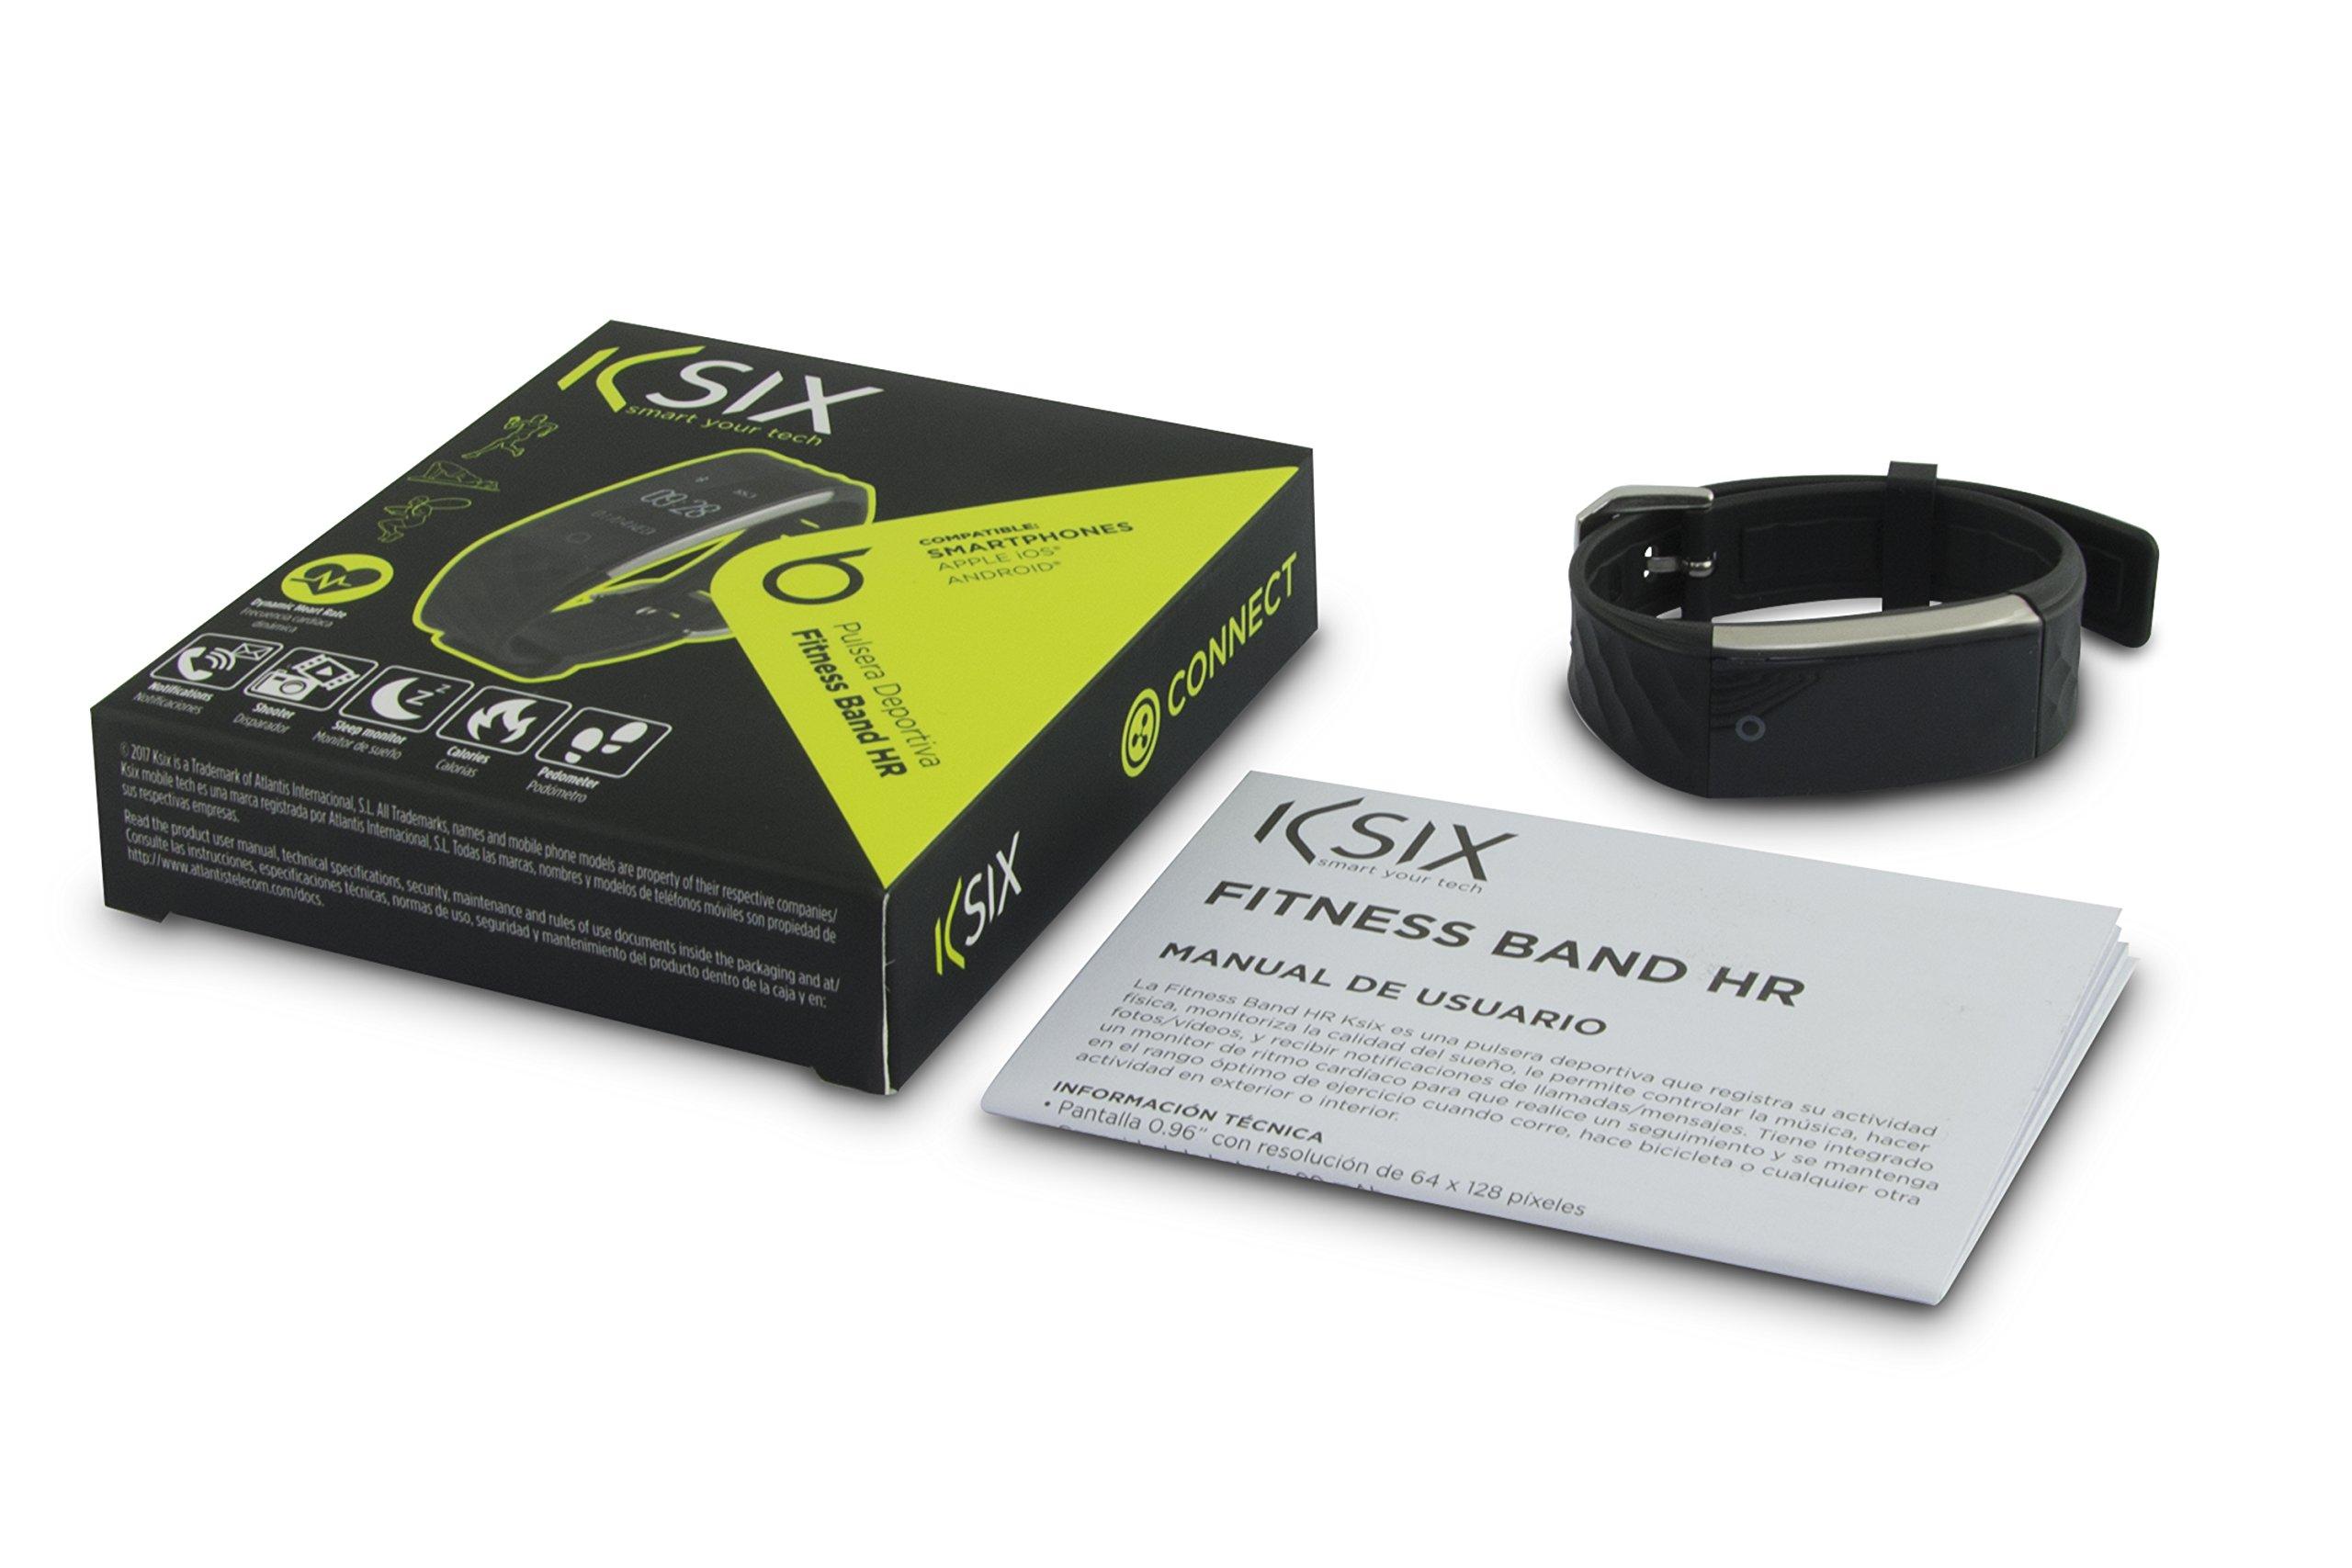 Ksix Fitness Band HR – Pulsera de Actividad con Monitor Deportivo y Bluetooth Compatible con Smartphone, Color Negro